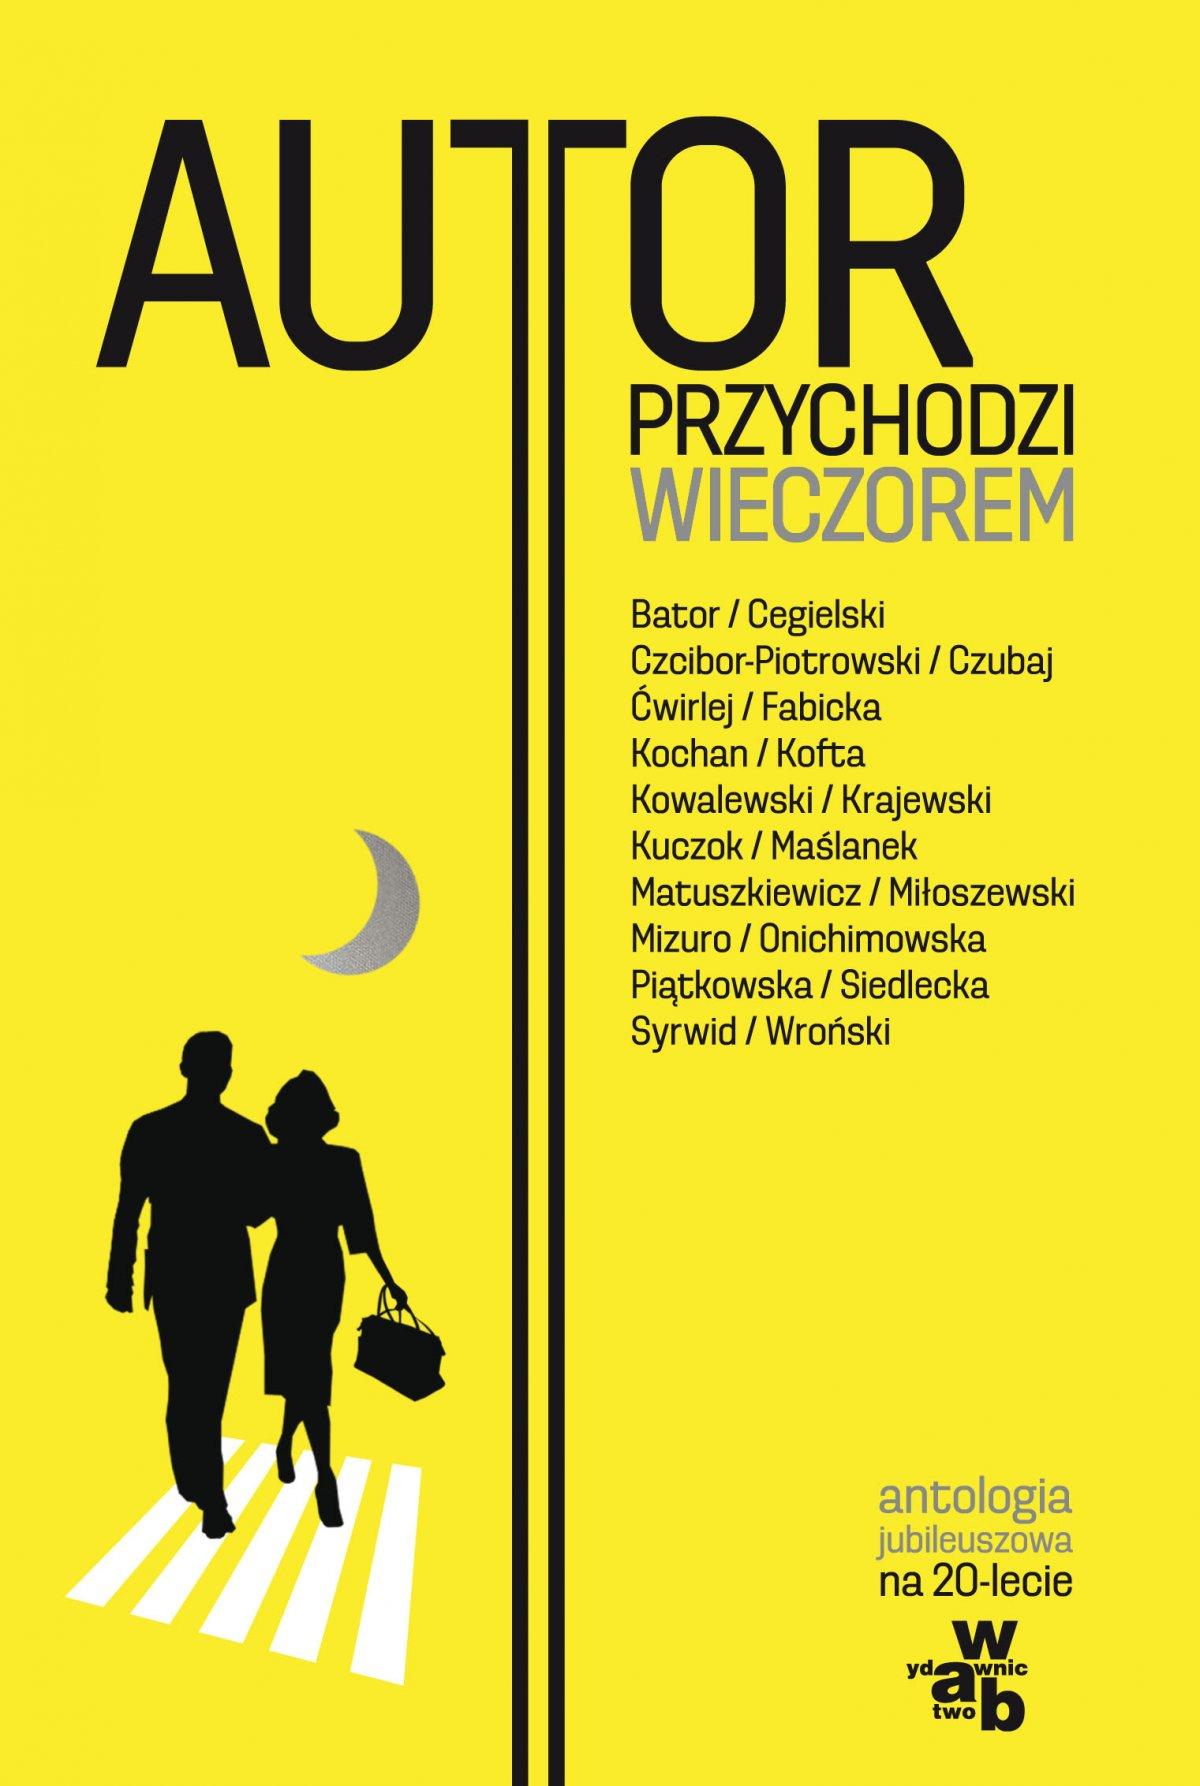 Autor przychodzi wieczorem Antologia jubileuszowa na 20-lecie Wydawnictwa W.A.B. - Ebook (Książka na Kindle) do pobrania w formacie MOBI